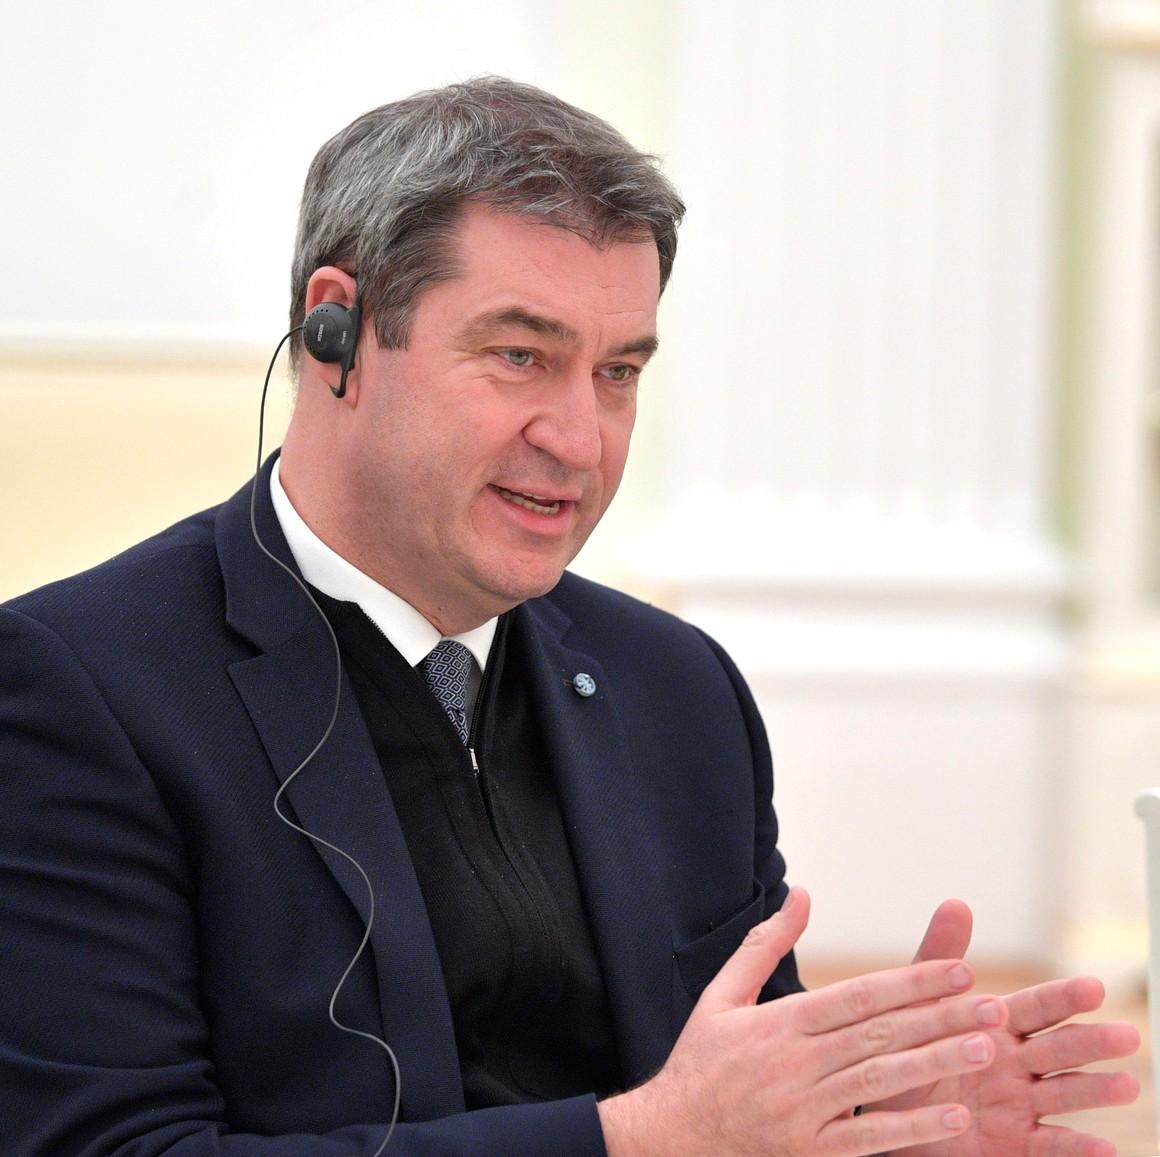 Markus Soder Wikidata